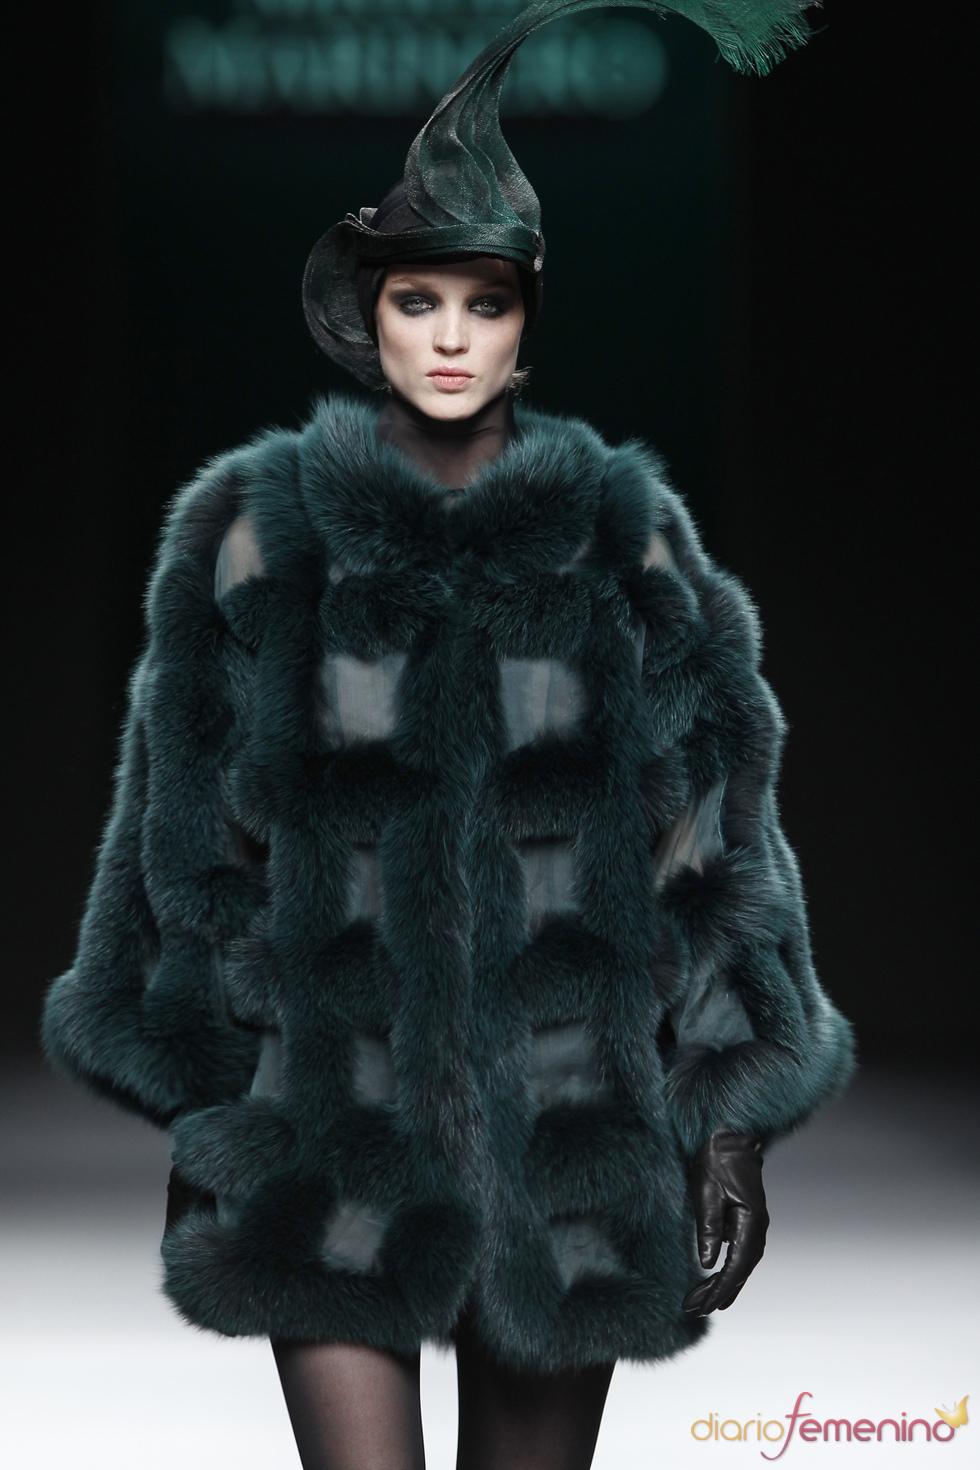 Abrigo verde con tocado. Miguel Marinero. Cibeles Madrid Fashion Week 2011